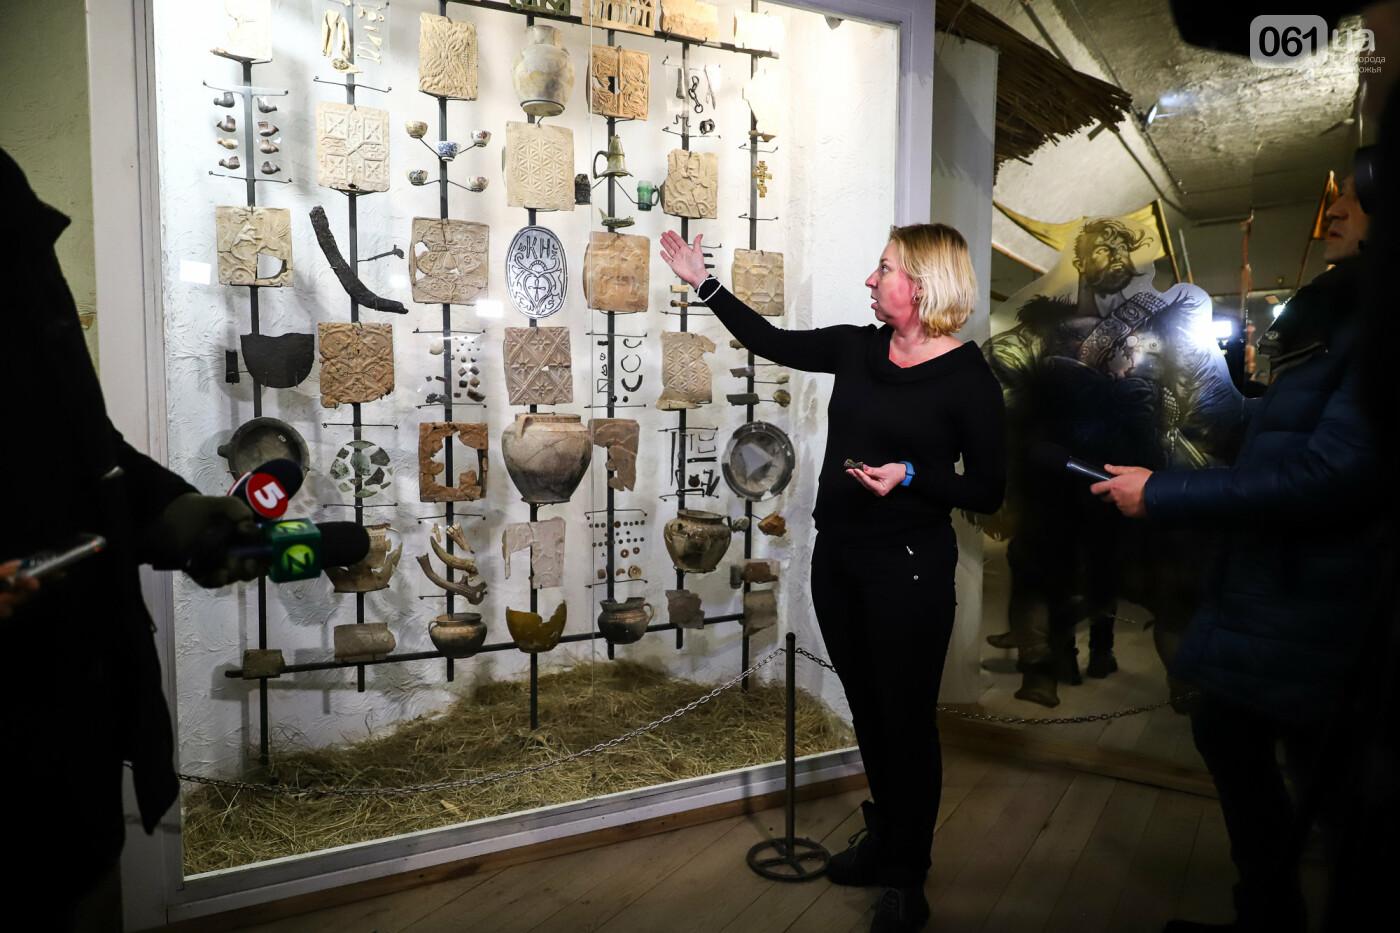 На Запорожской Сечи пополнилась уникальная коллекция казацких люлек: что курили казаки и о чем может рассказать трубка, фото-12